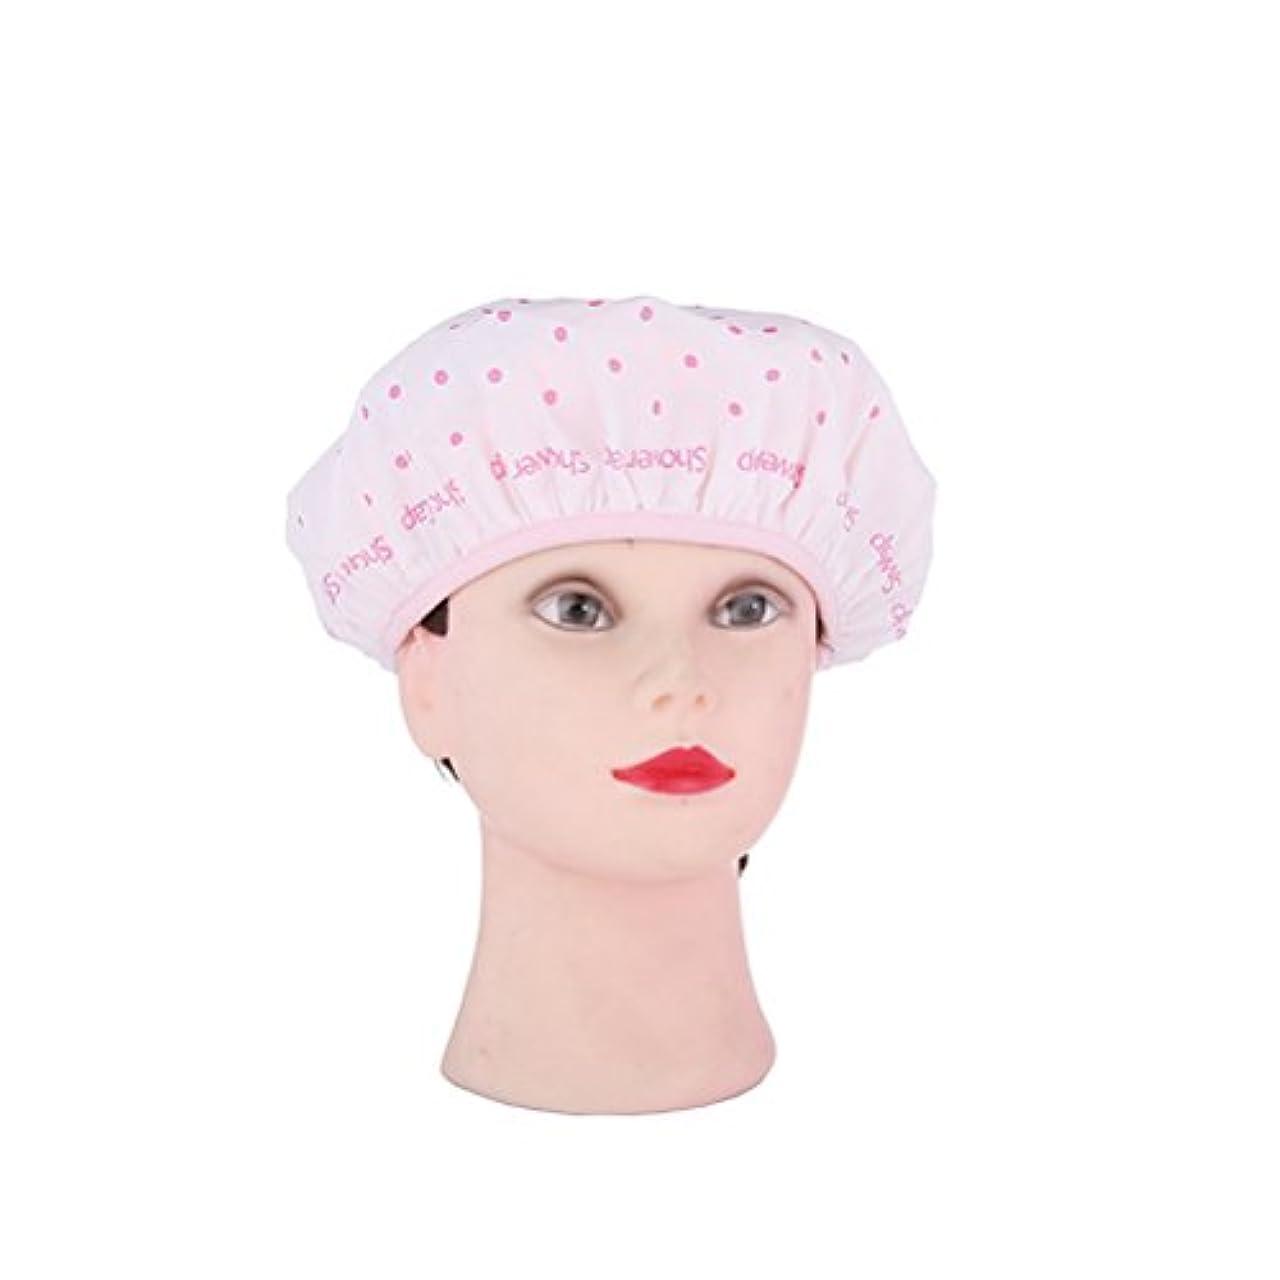 簡略化する組み込む個性ROSENICE シャワーキャップ防水性モールド抵抗性の洗えるシャワーキャップかわいいやわらかい髪の帽子(ピンク)